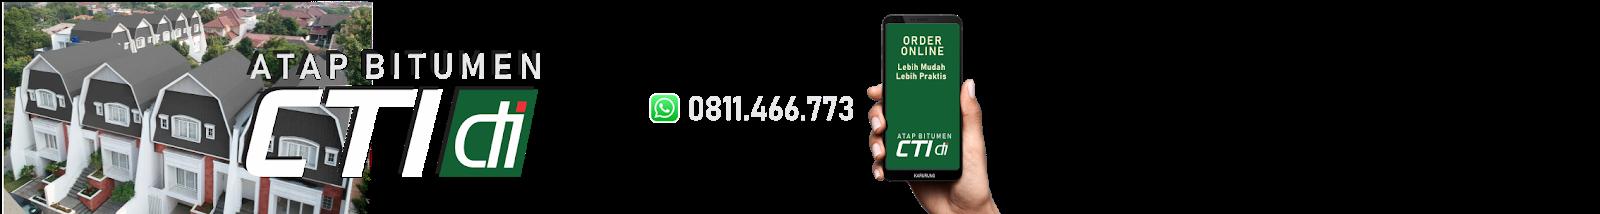 ATAP BITUMEN CTI | GENTENG ASPAL CTI | ORDER CP.WA +62 811466773